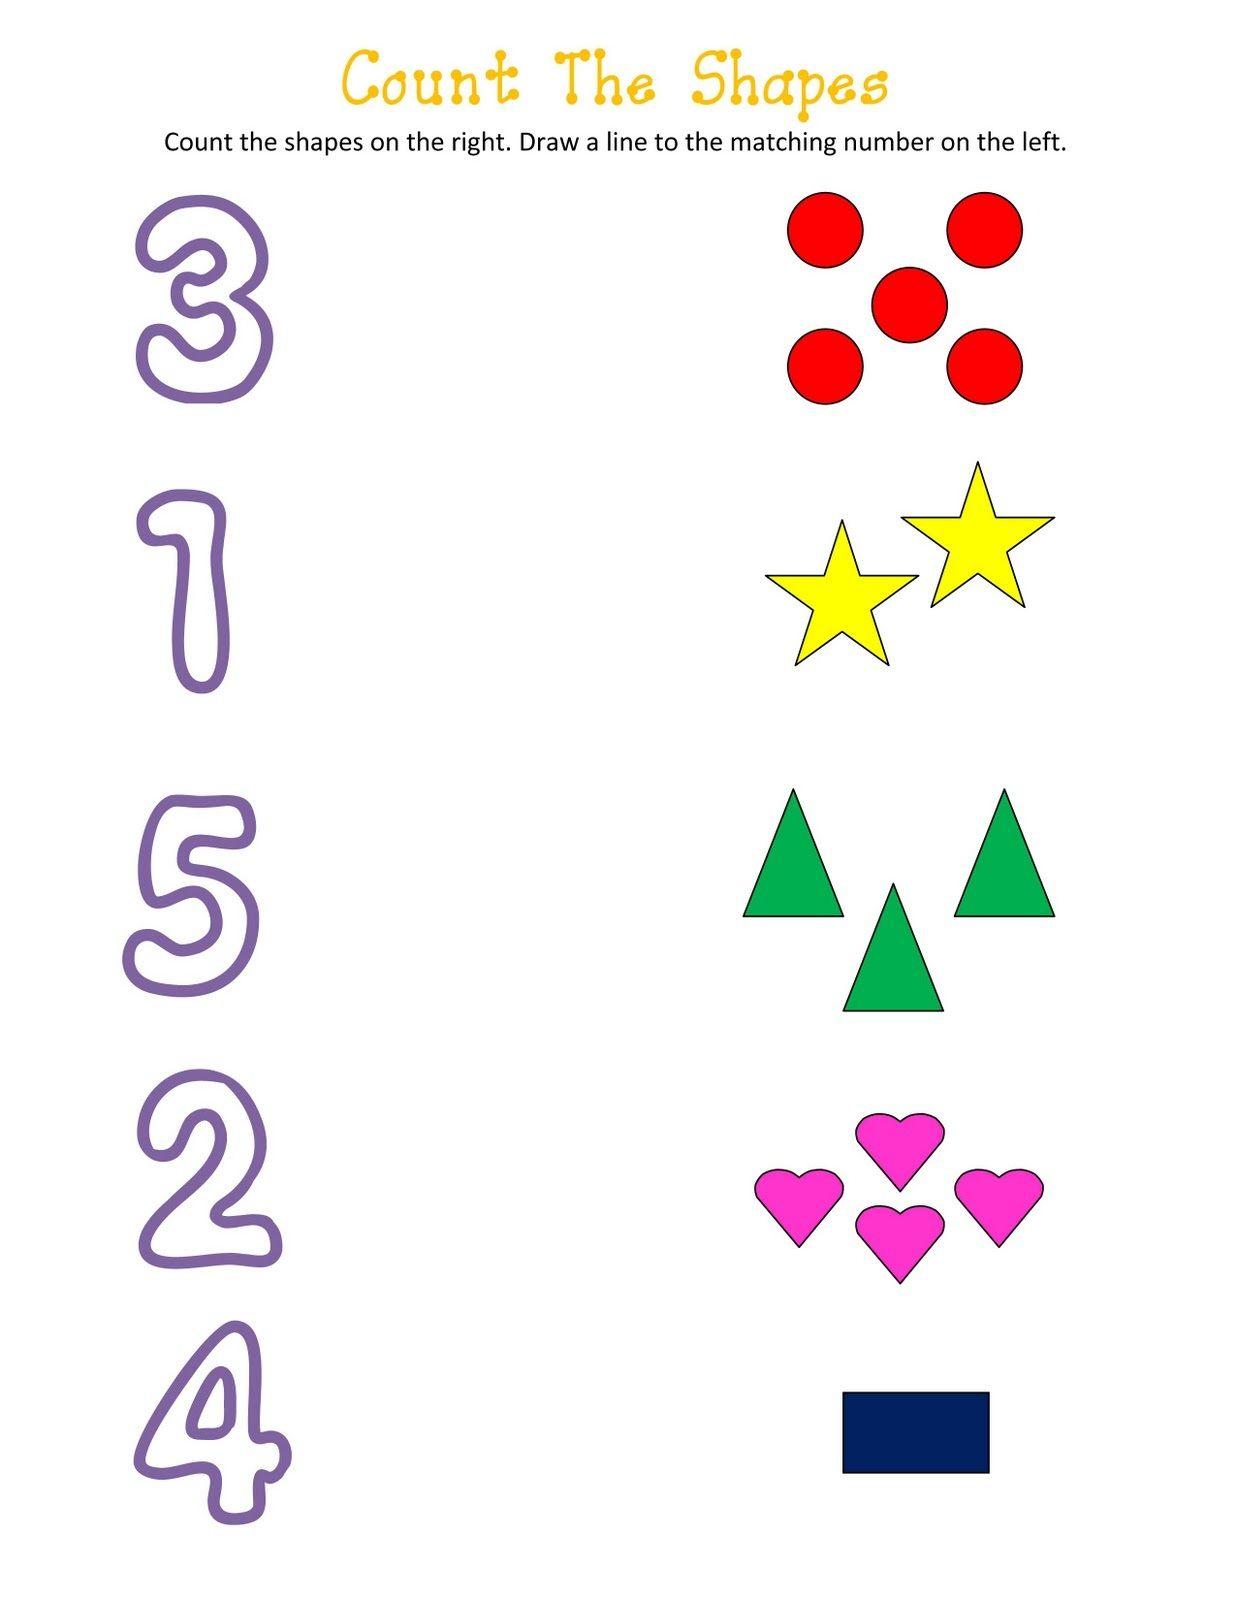 shapes and numbers worksheets for kids kids worksheets. Black Bedroom Furniture Sets. Home Design Ideas